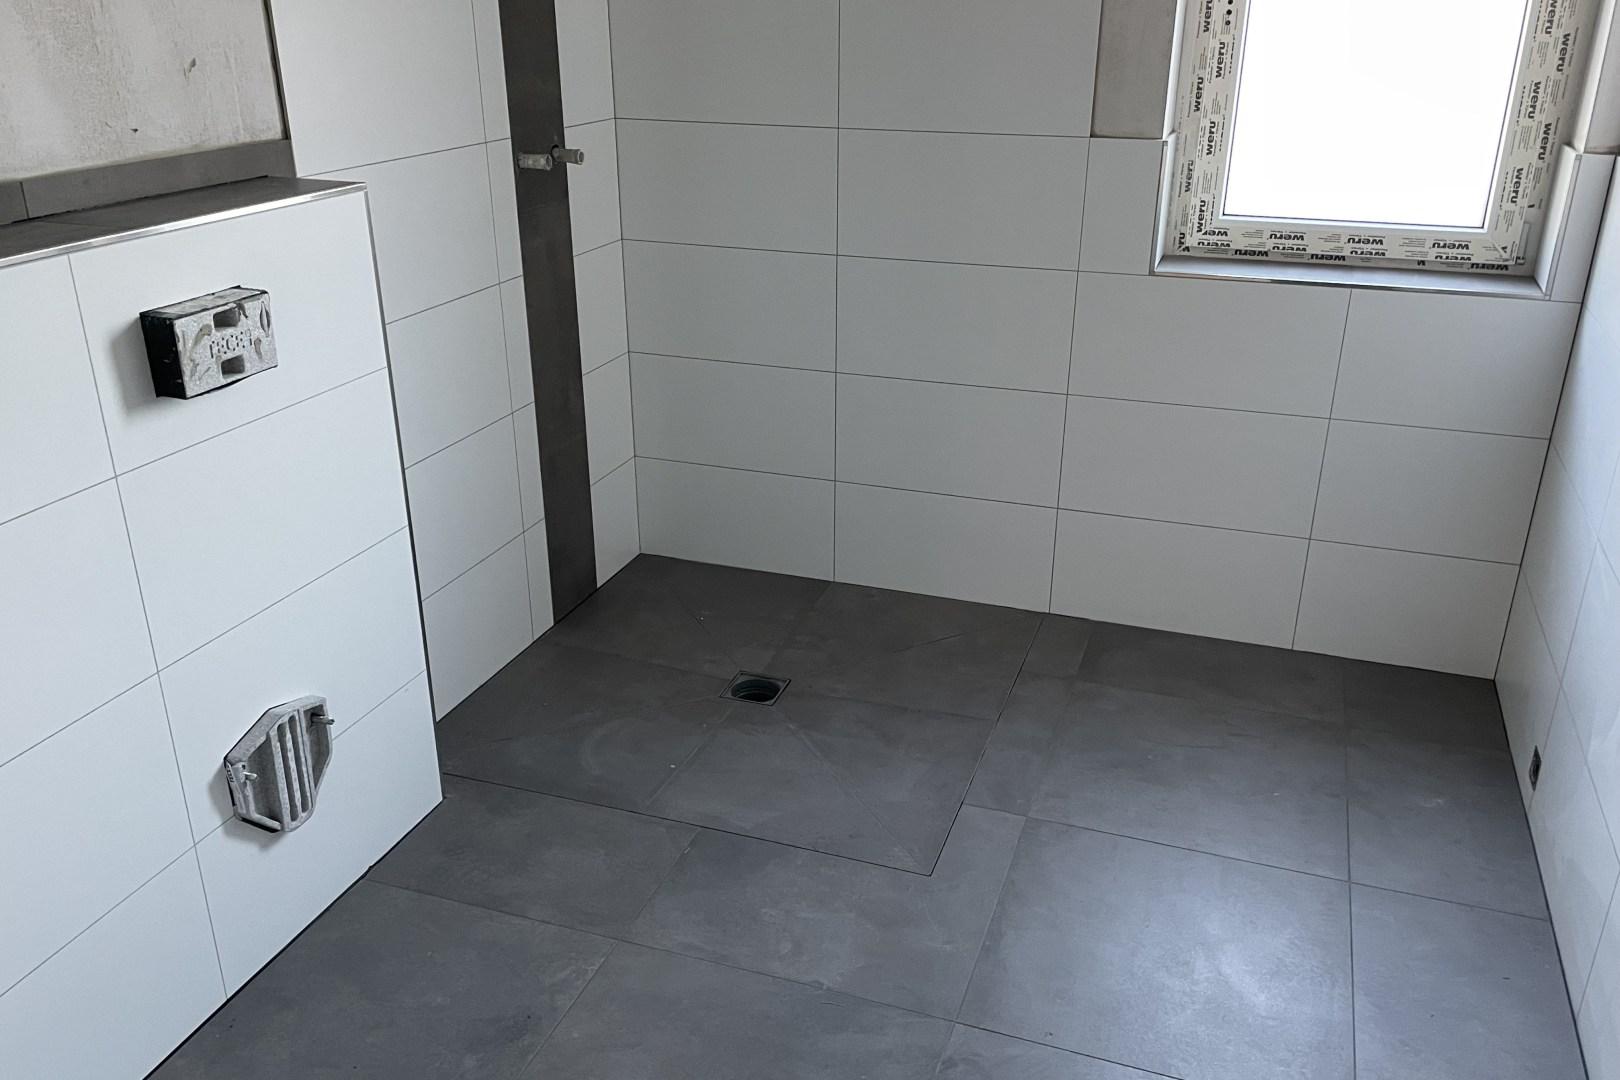 Immobilie Nr.0361a - Neubau: 3-Raum-Wohnung mit Balkon und 2 Außenstellplätzen - Bild 9.jpg